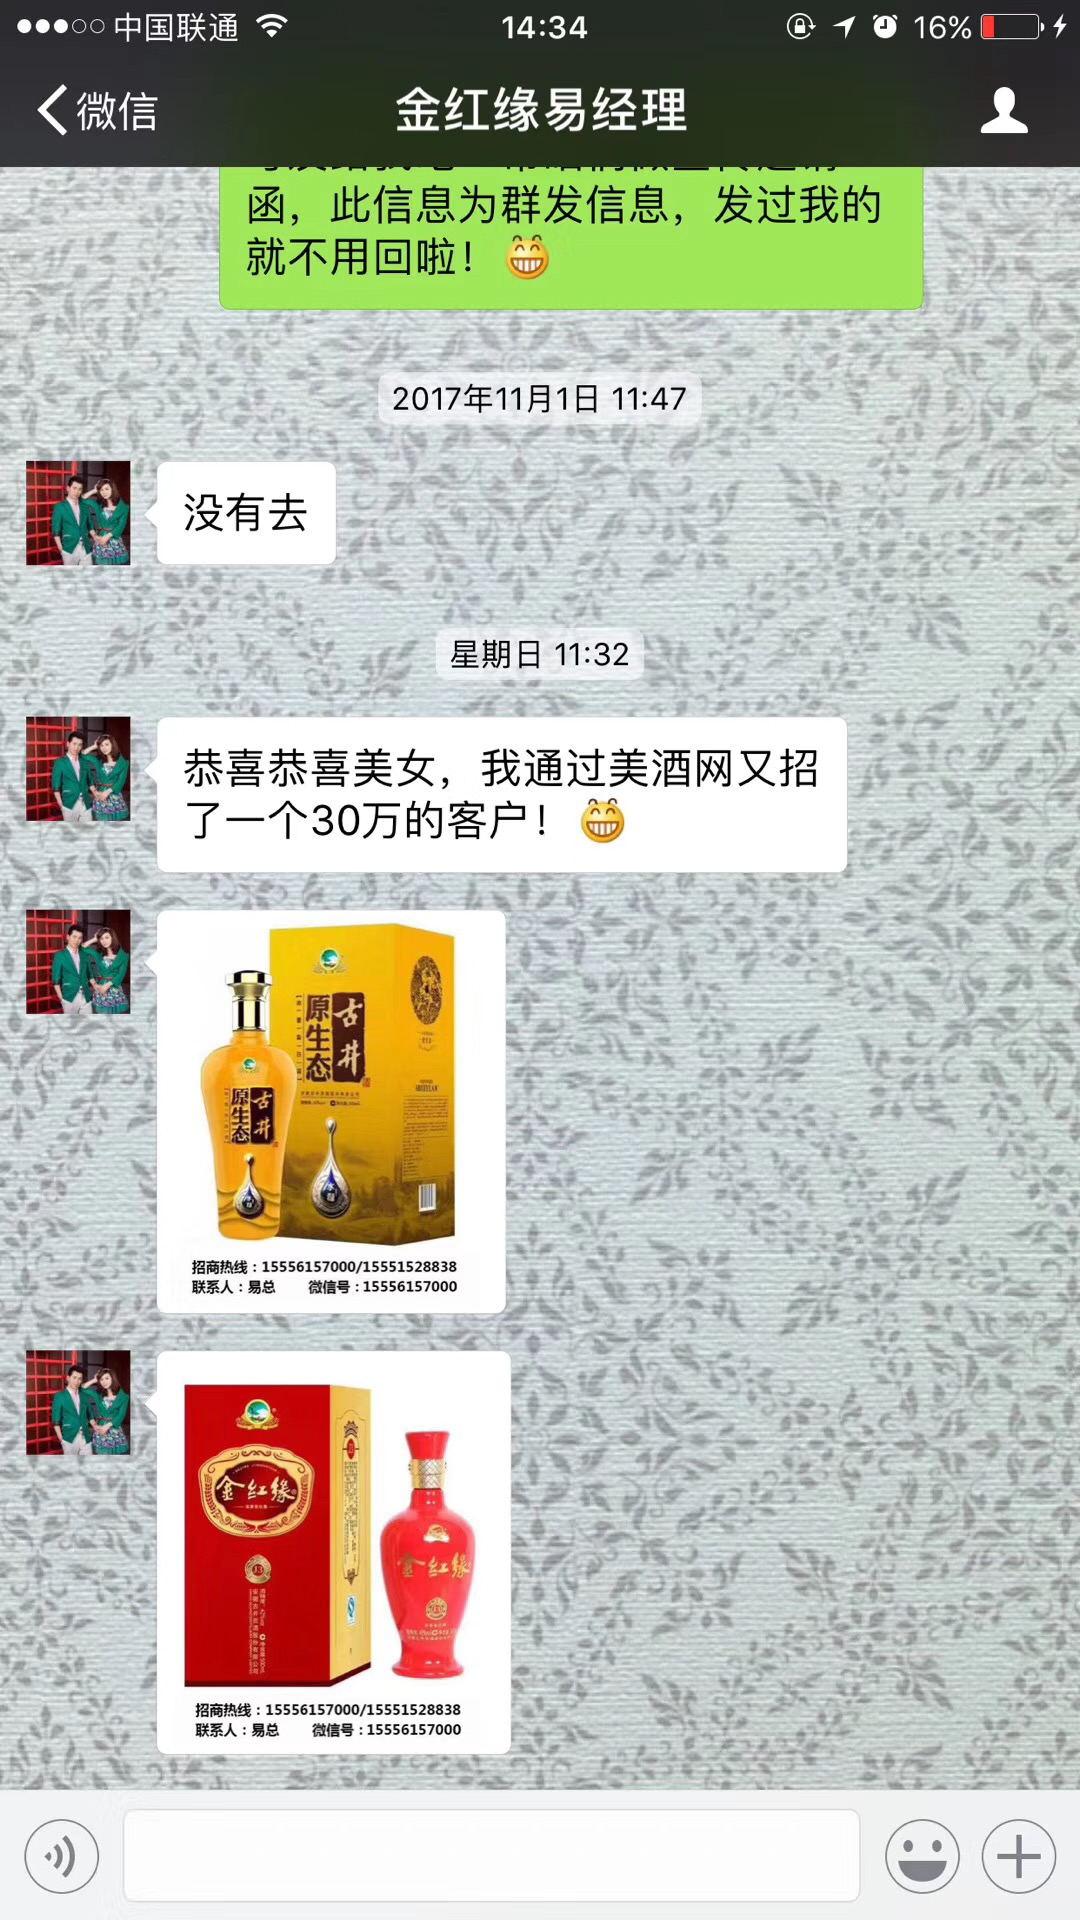 金红缘酒与美酒网合作签单变得简单!!!